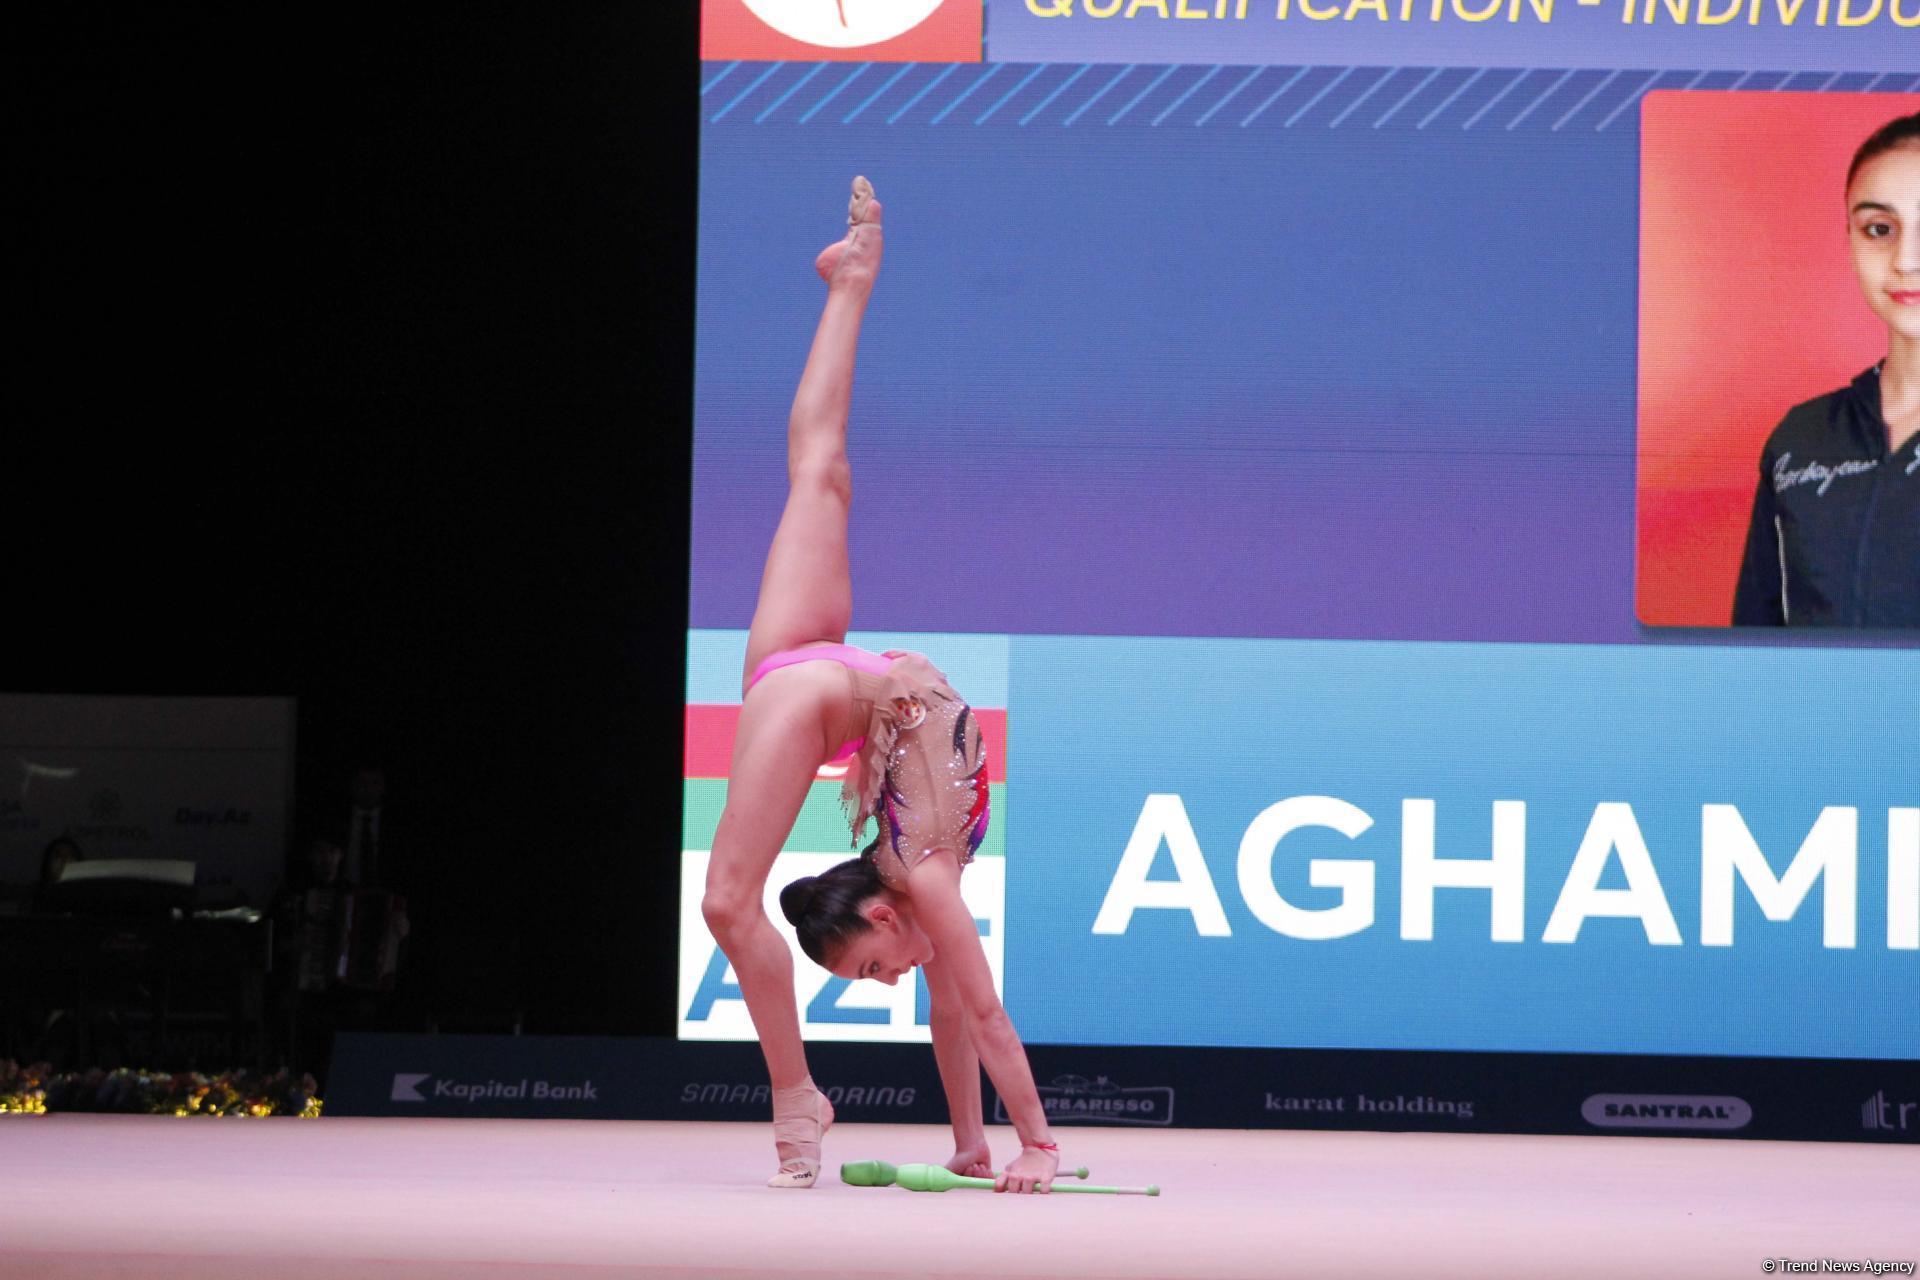 Лучшие моменты второго дня соревнований Кубка мира по художественной гимнастике в Баку (ФОТО) - Gallery Image